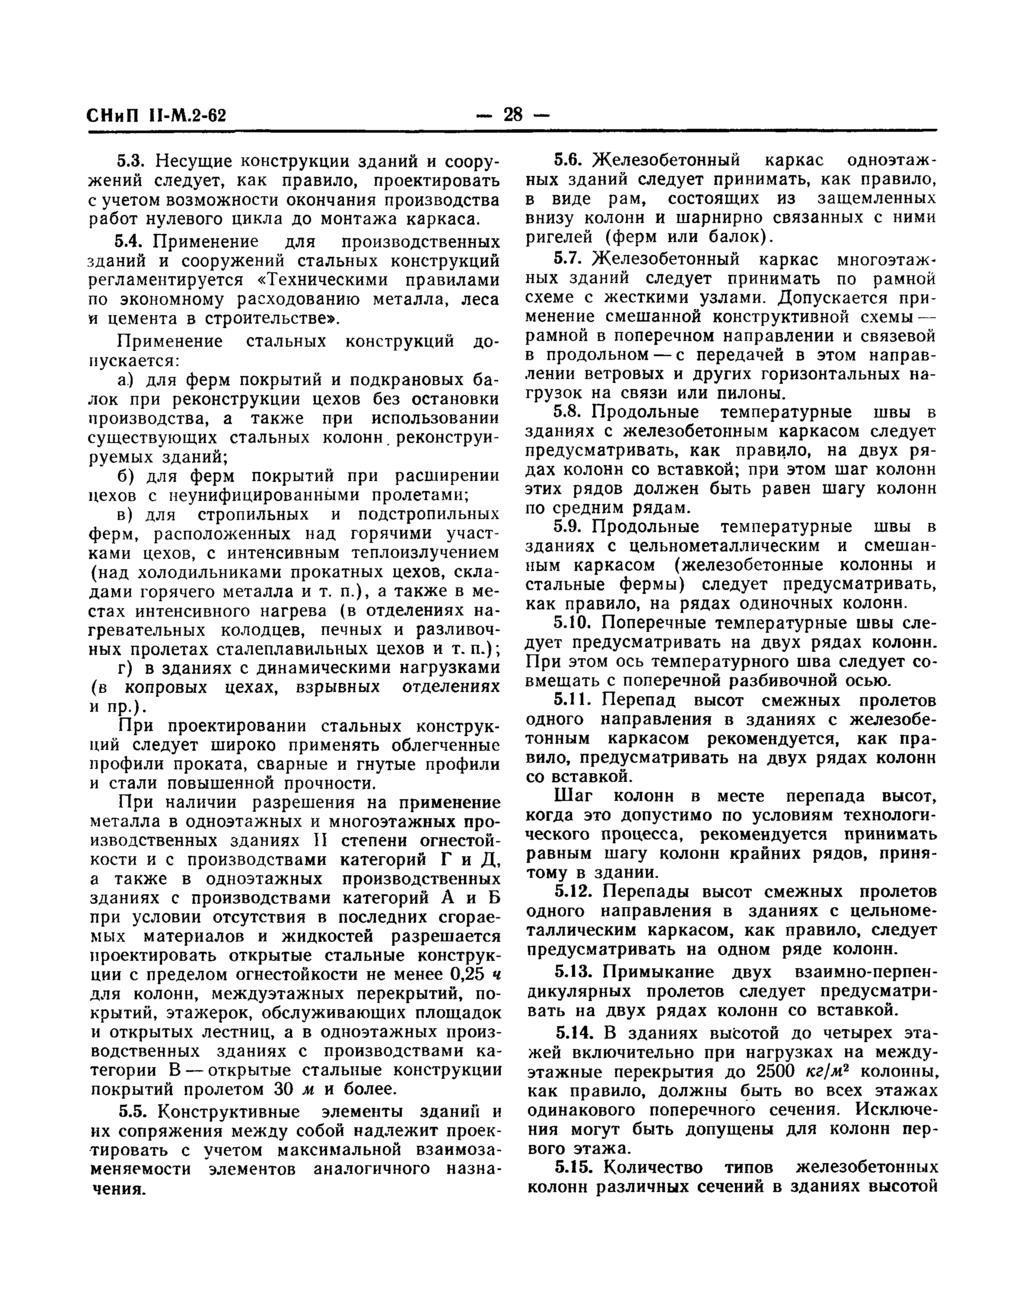 Строительные нормы и правила — википедия. что такое строительные нормы и правила